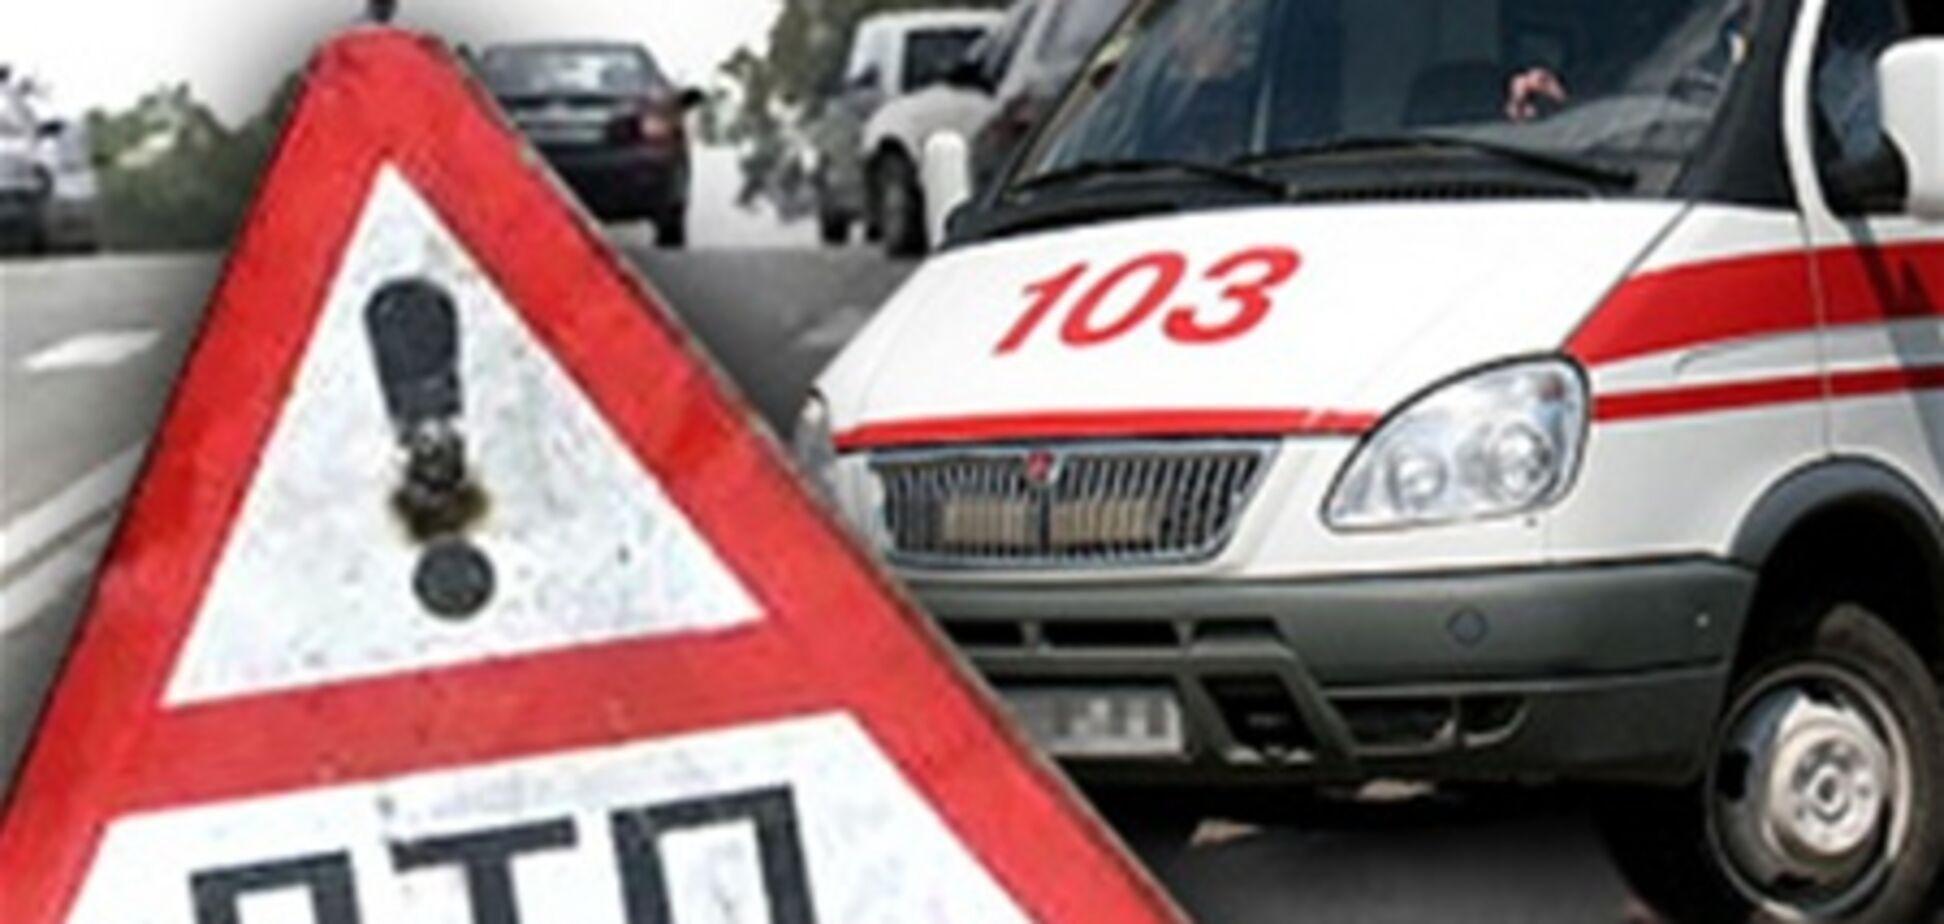 Помер один з потерпілих в резонансному ДТП в Луганську